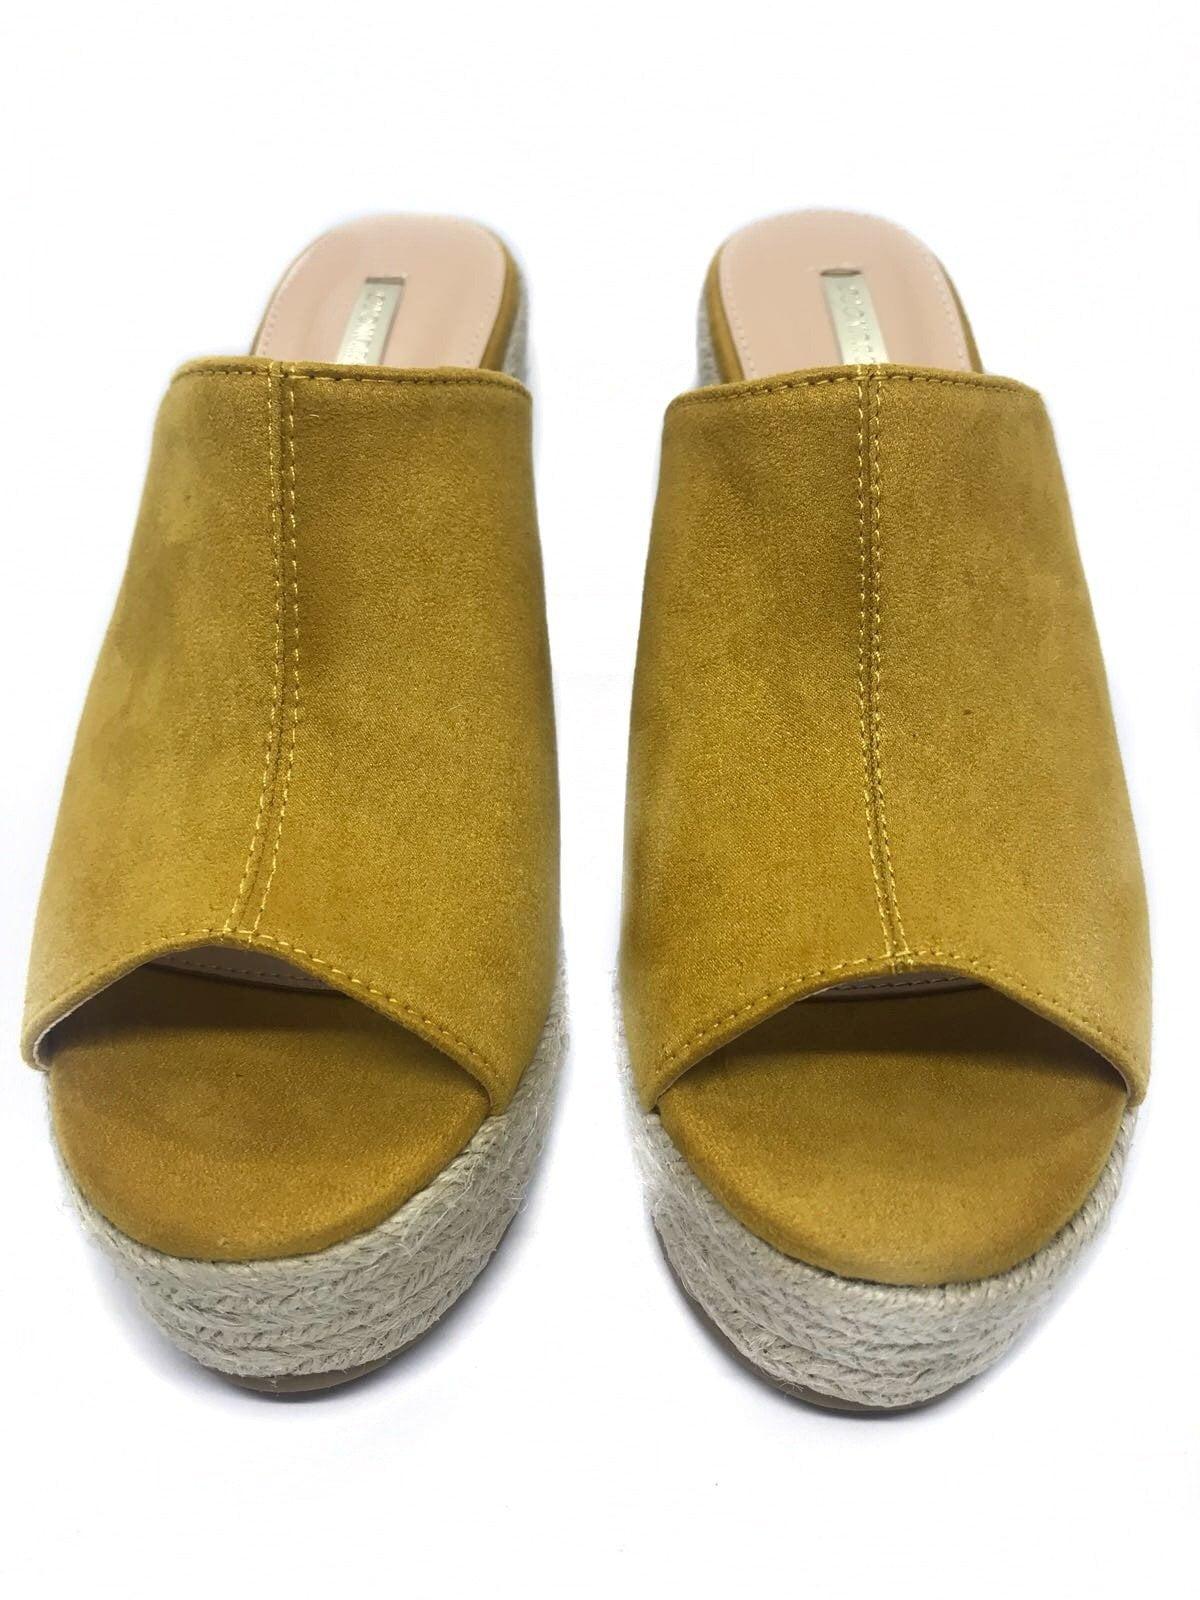 Fabricante De Calzado España Fabricante De España Mujer Calzado Fabricante Calzado De Mujer EqtwP6A56a